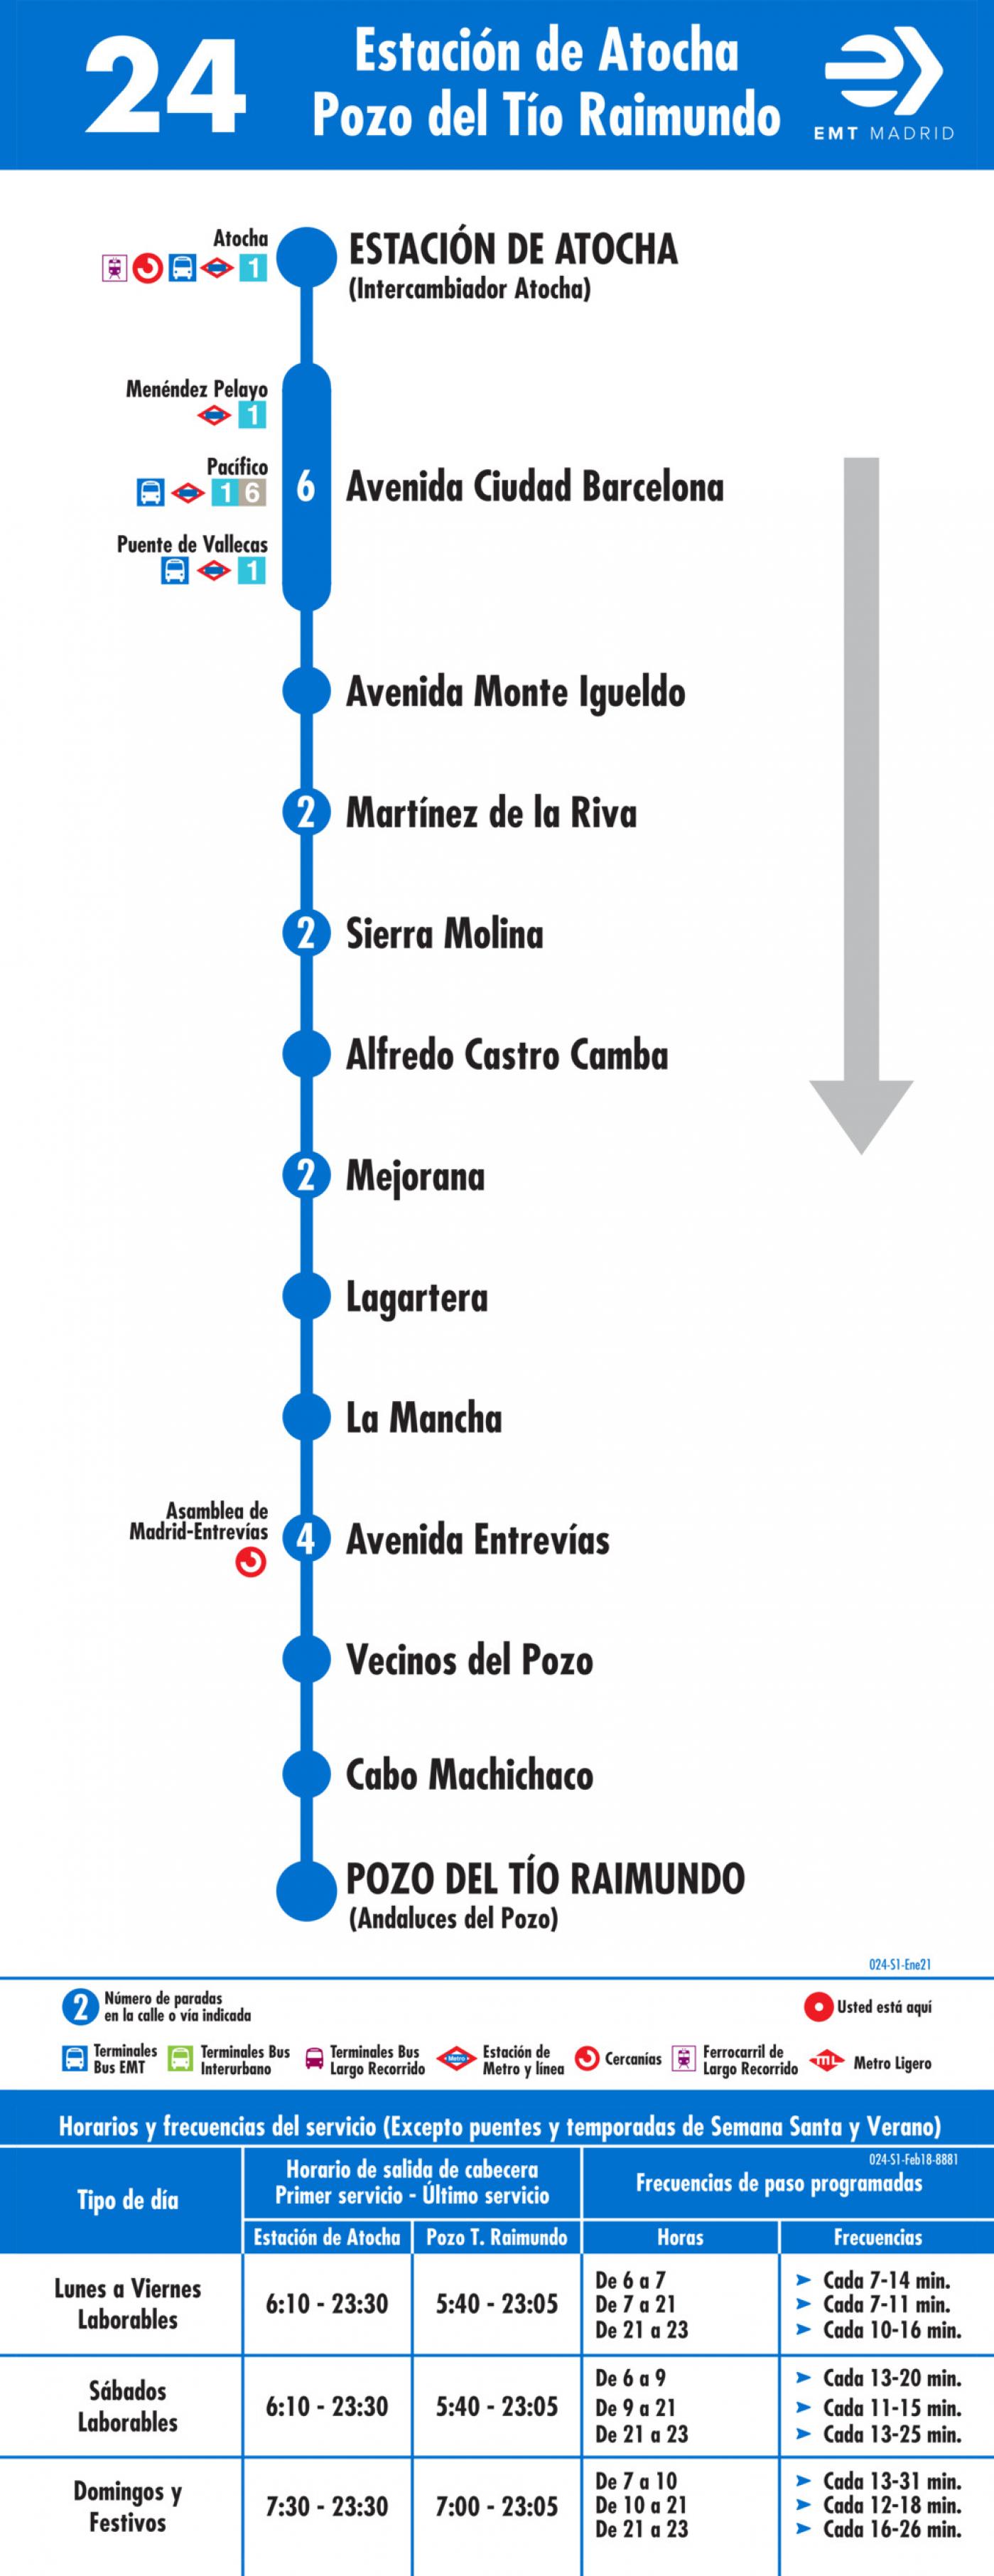 Tabla de horarios y frecuencias de paso en sentido ida Línea 24: Atocha - Pozo del Tio Raimundo